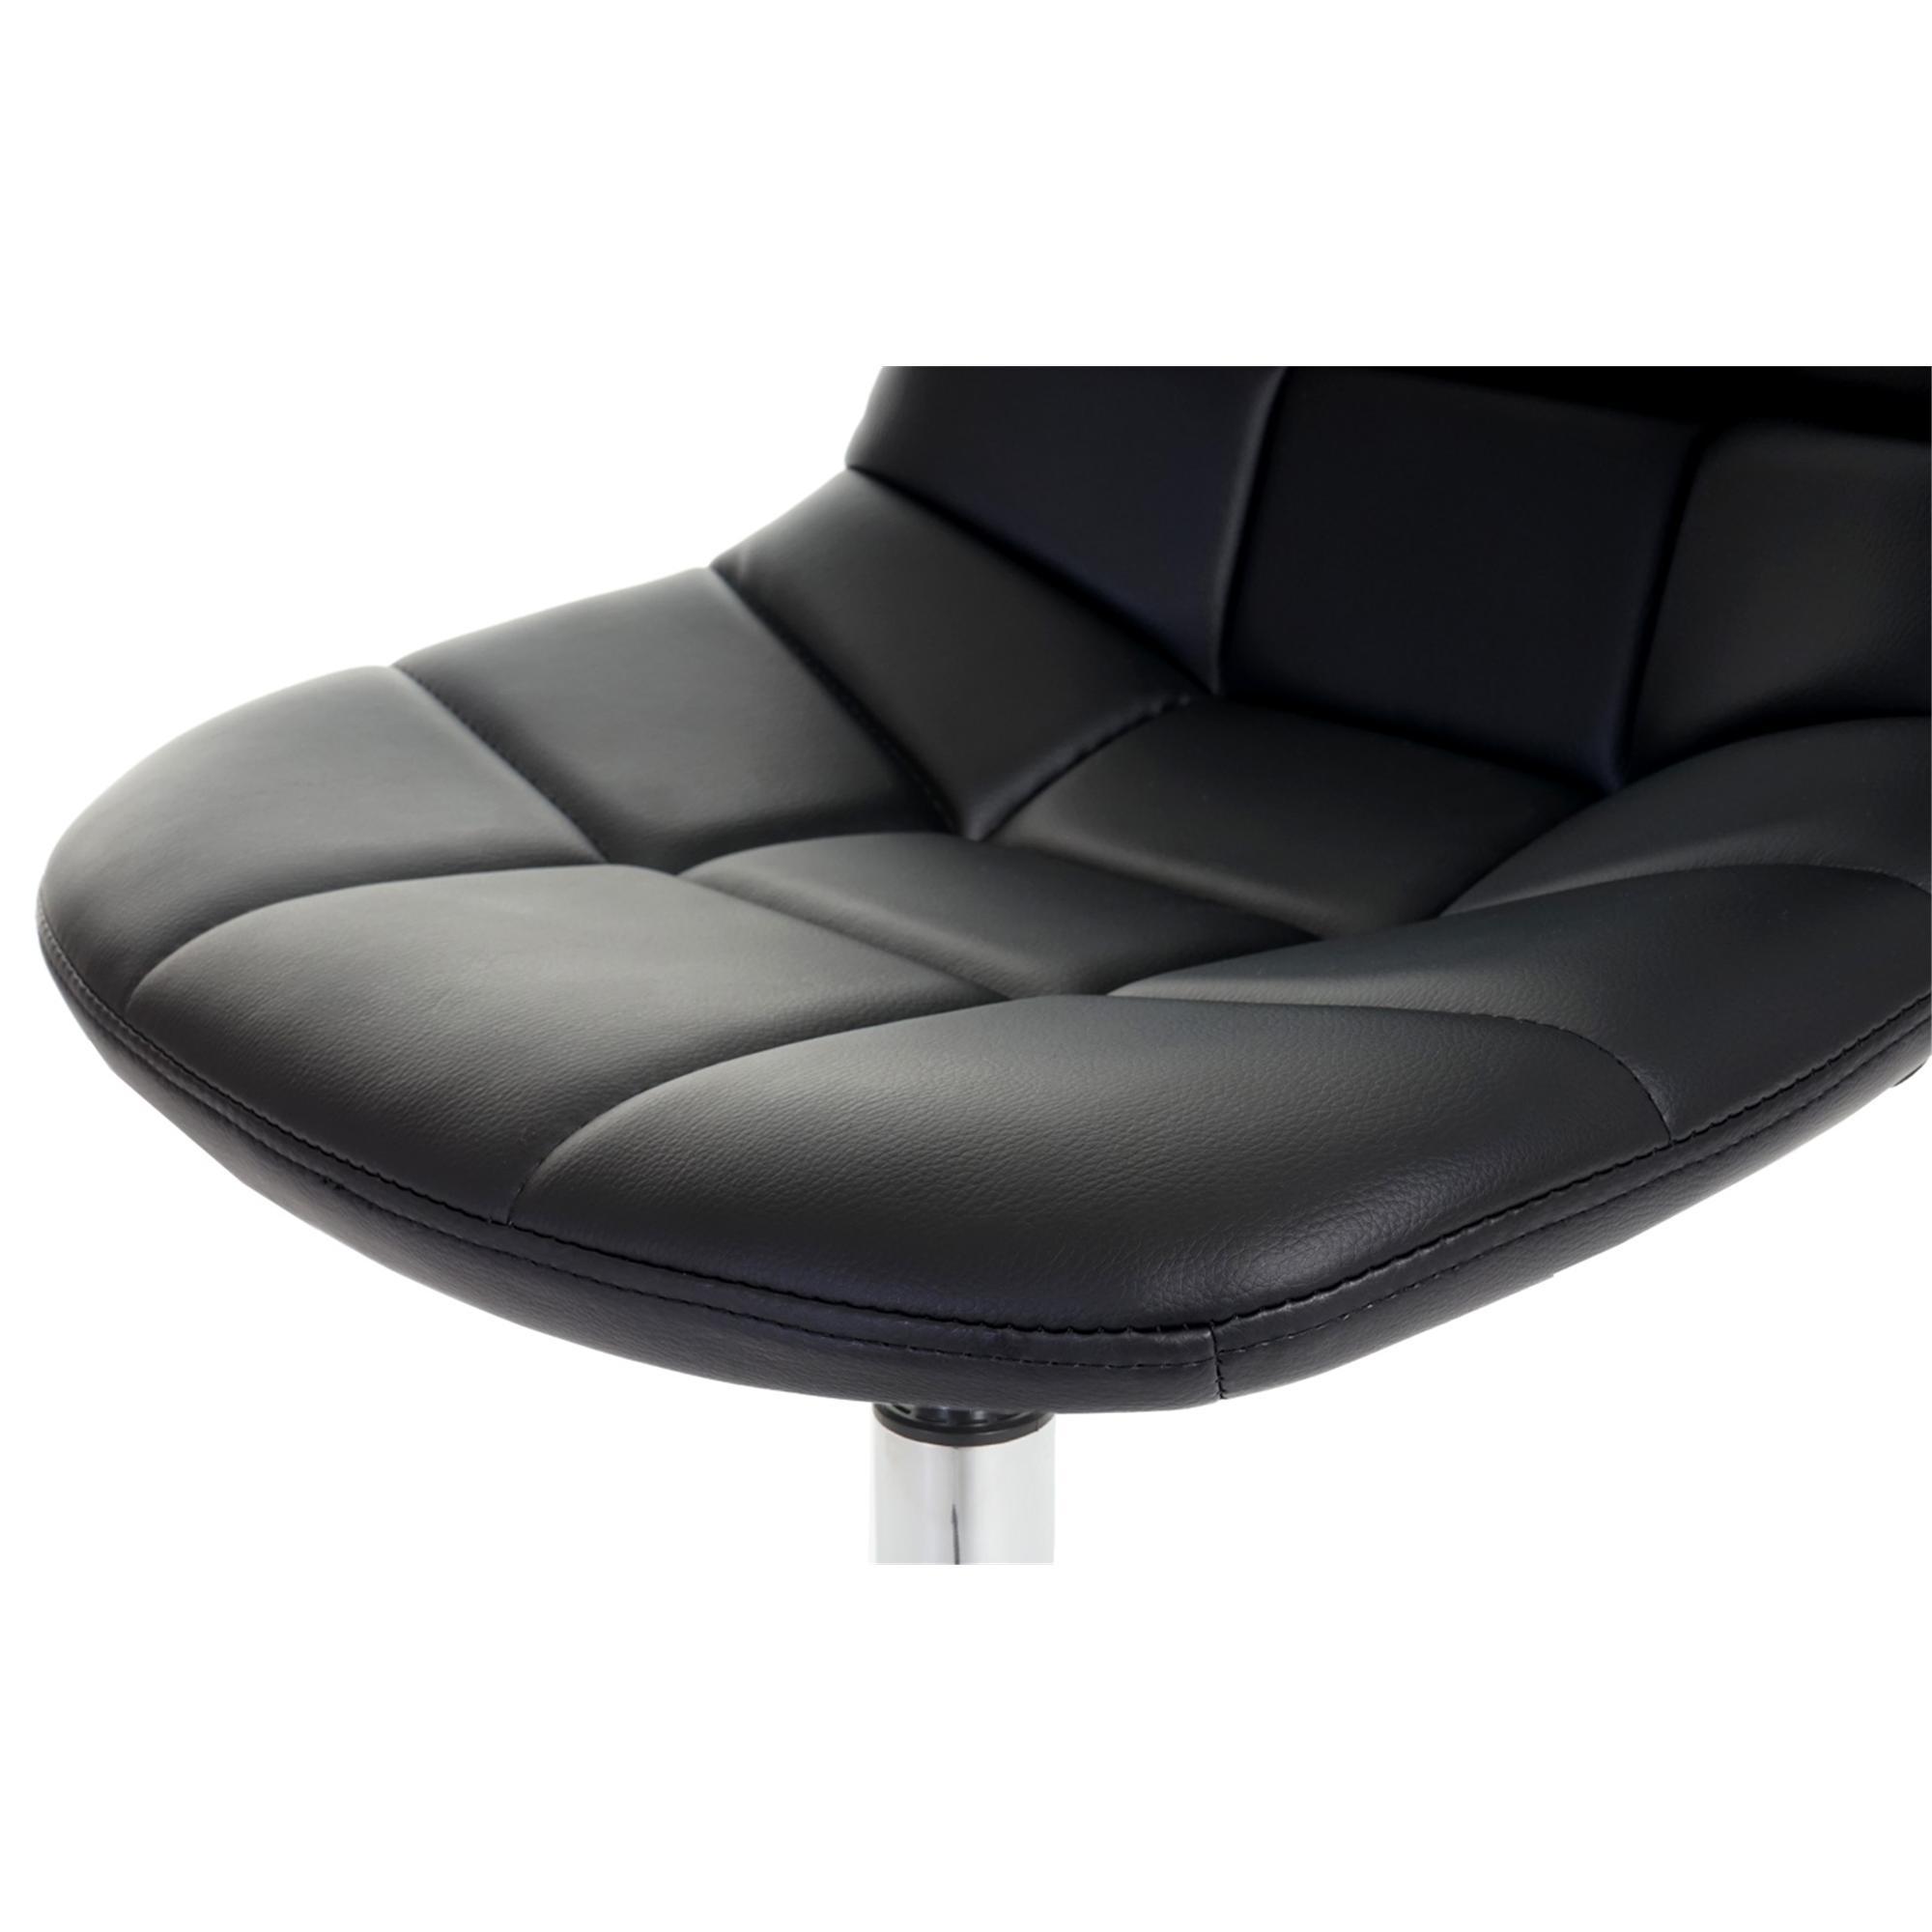 Conjunto de 6 sillas comedor tom en piel negra for Conjunto sillas comedor